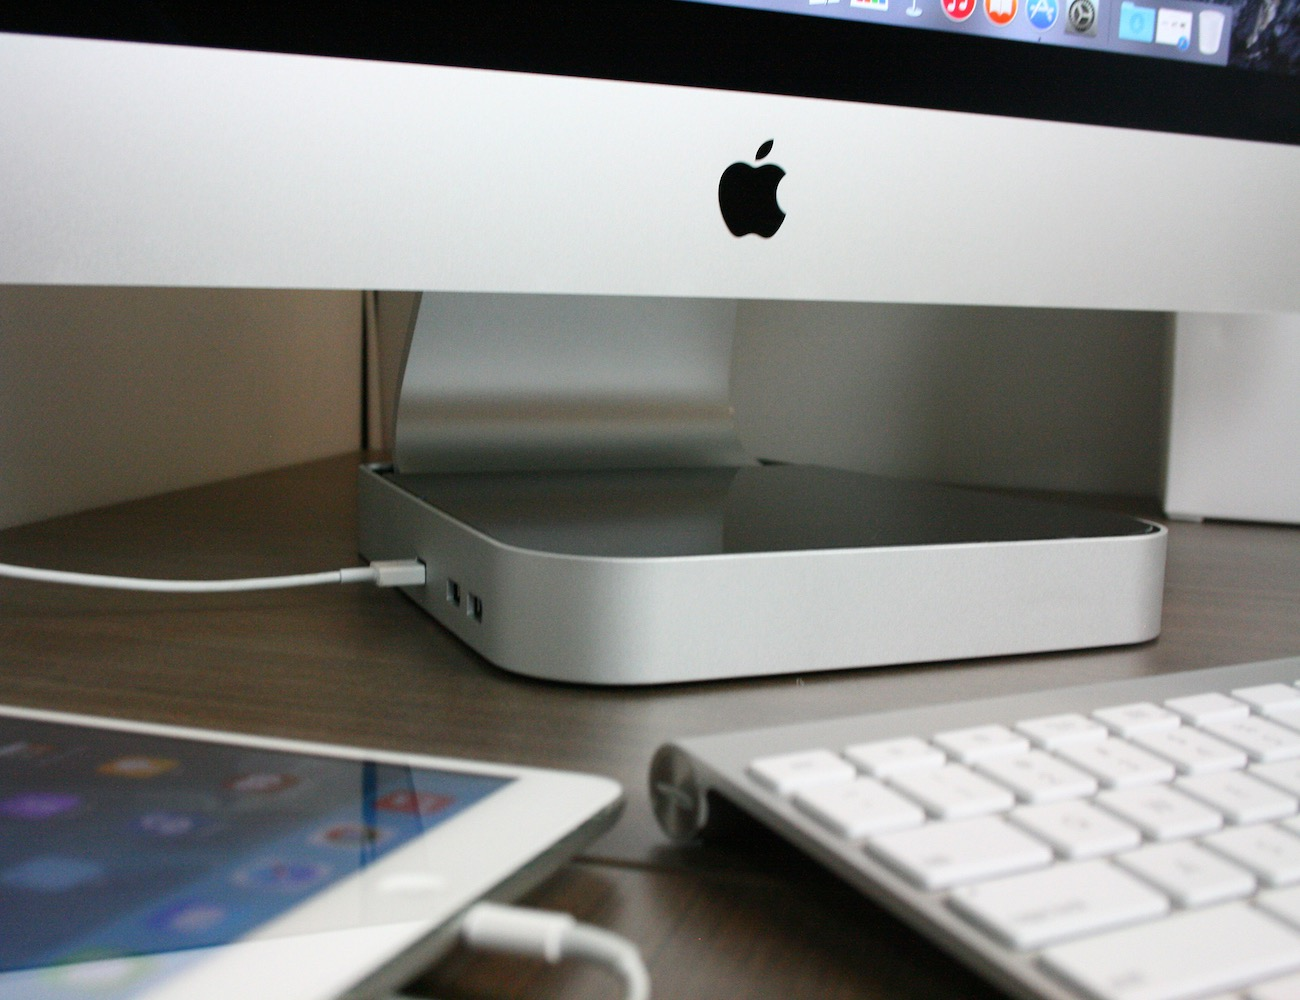 iMac – Gadget Flow